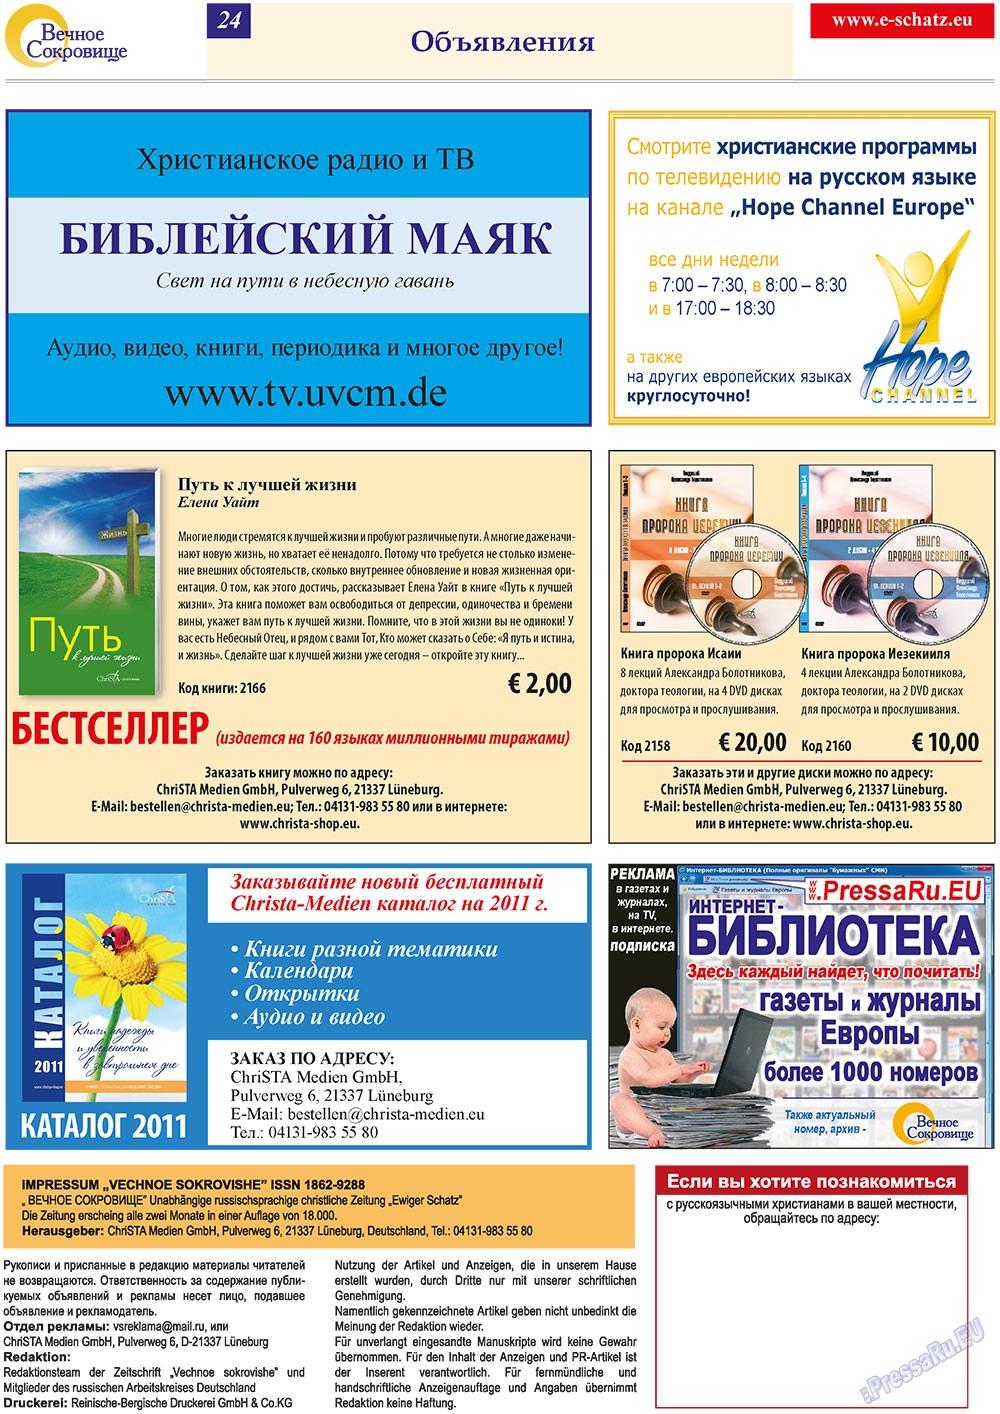 Вечное сокровище (газета). 2011 год, номер 2, стр. 24